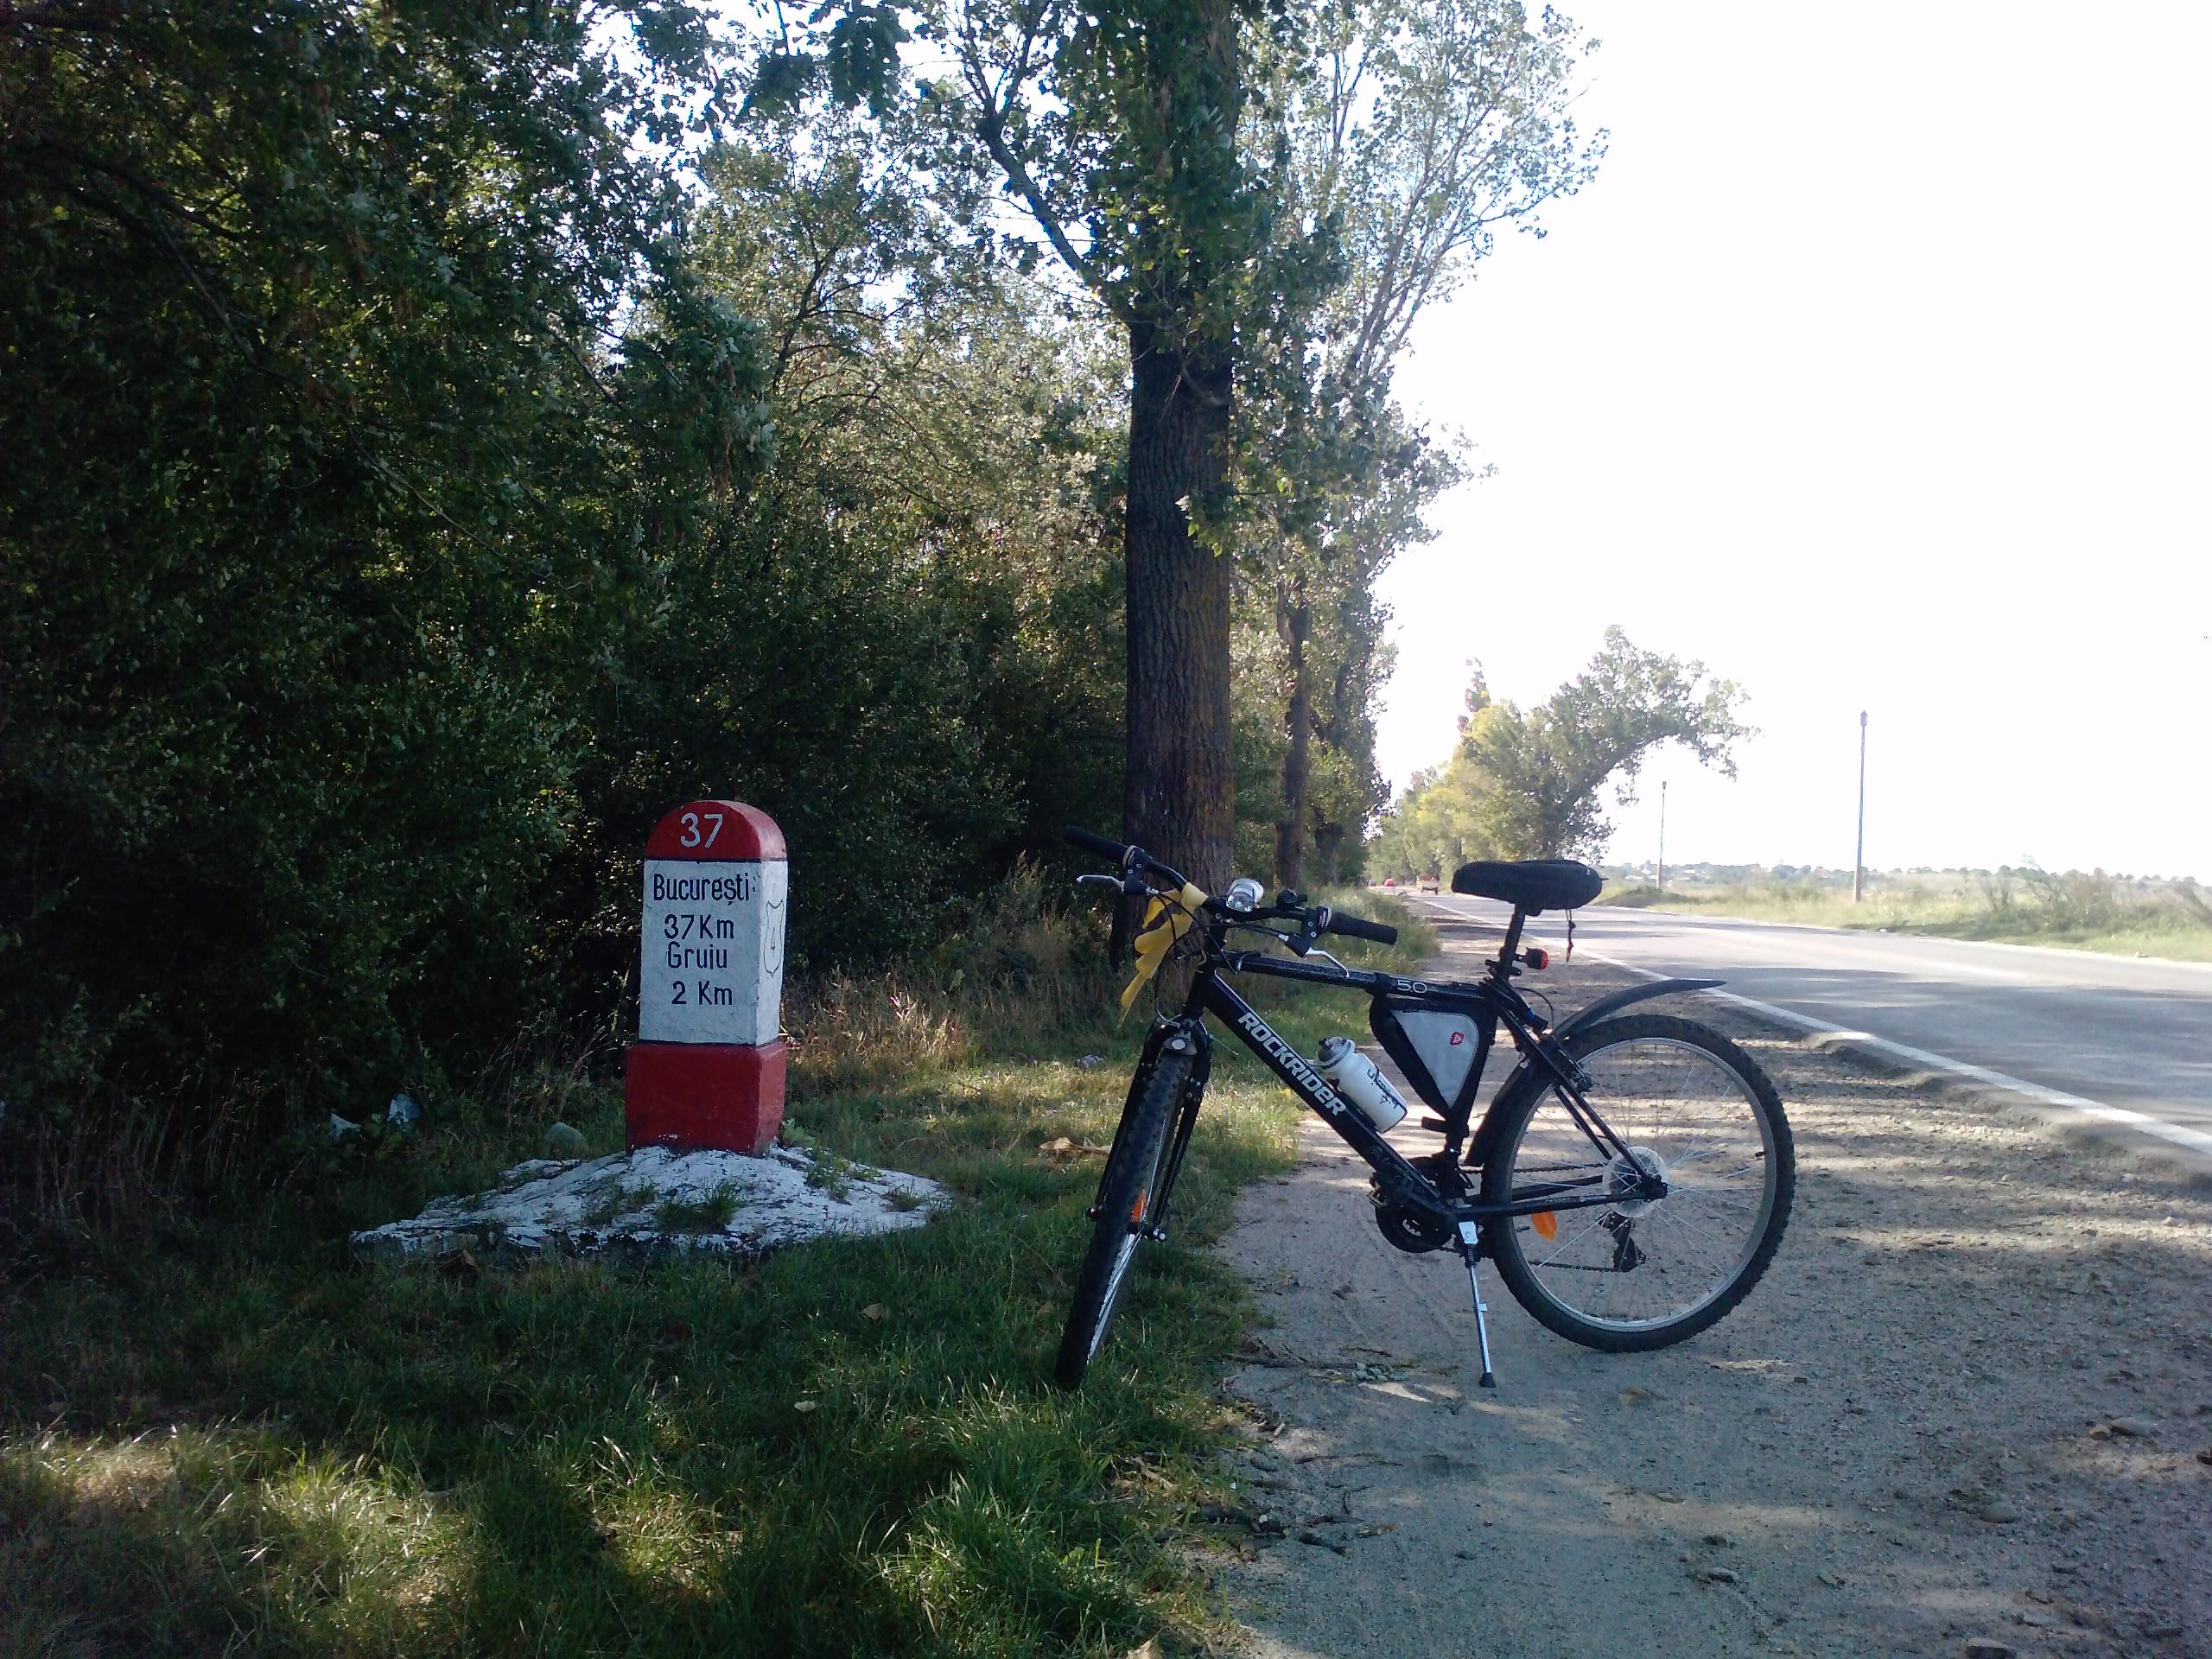 160 Km singur pe bicla - dupa pauza de la Budesti